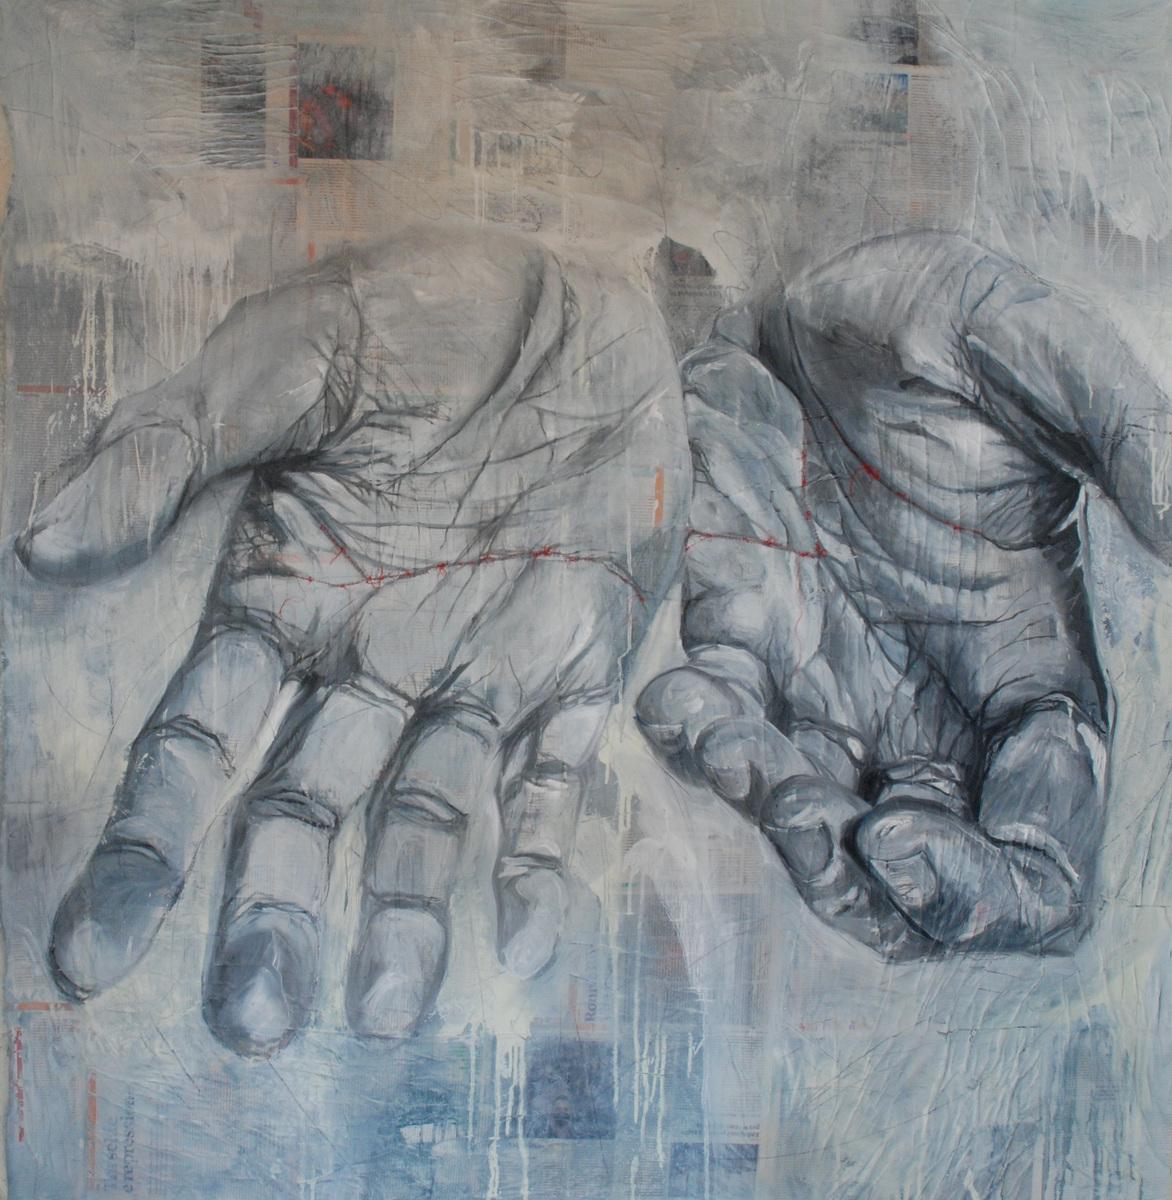 Martina Dalla Stella - Rammendi, tecnica mista su tela, 155x150 cm, 2021